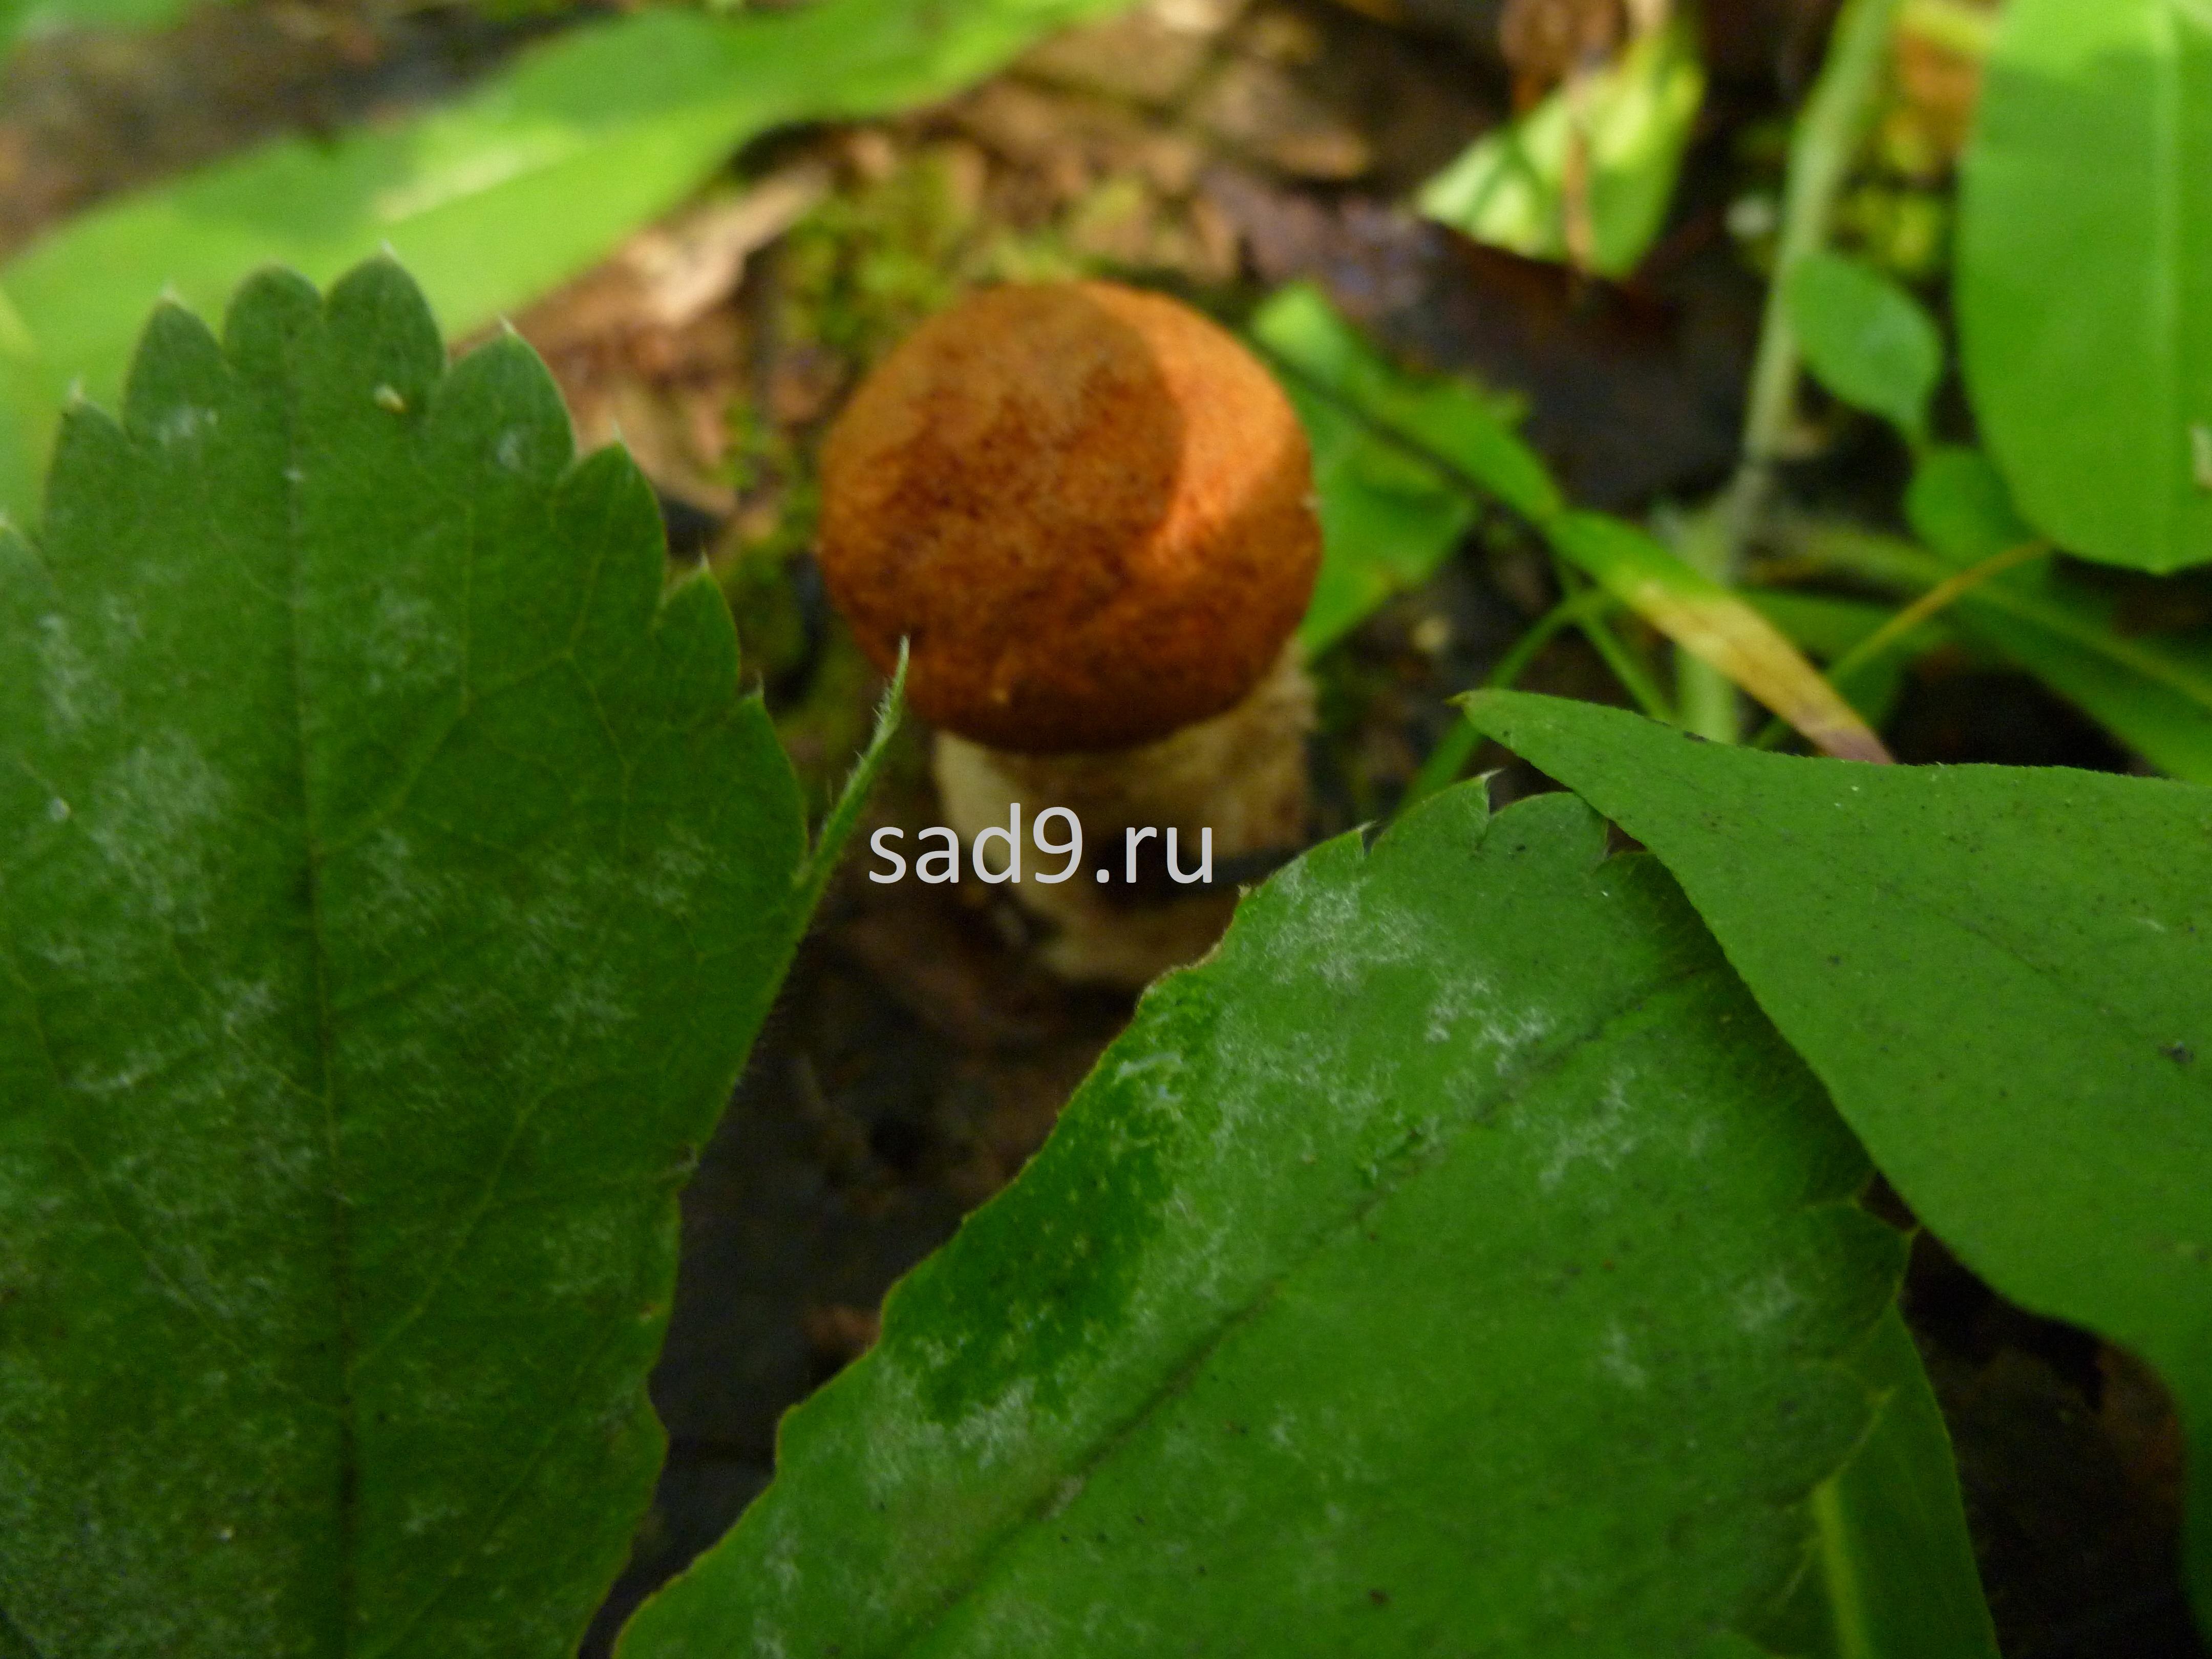 Съедобные грибы красноголовики, картинки для детей